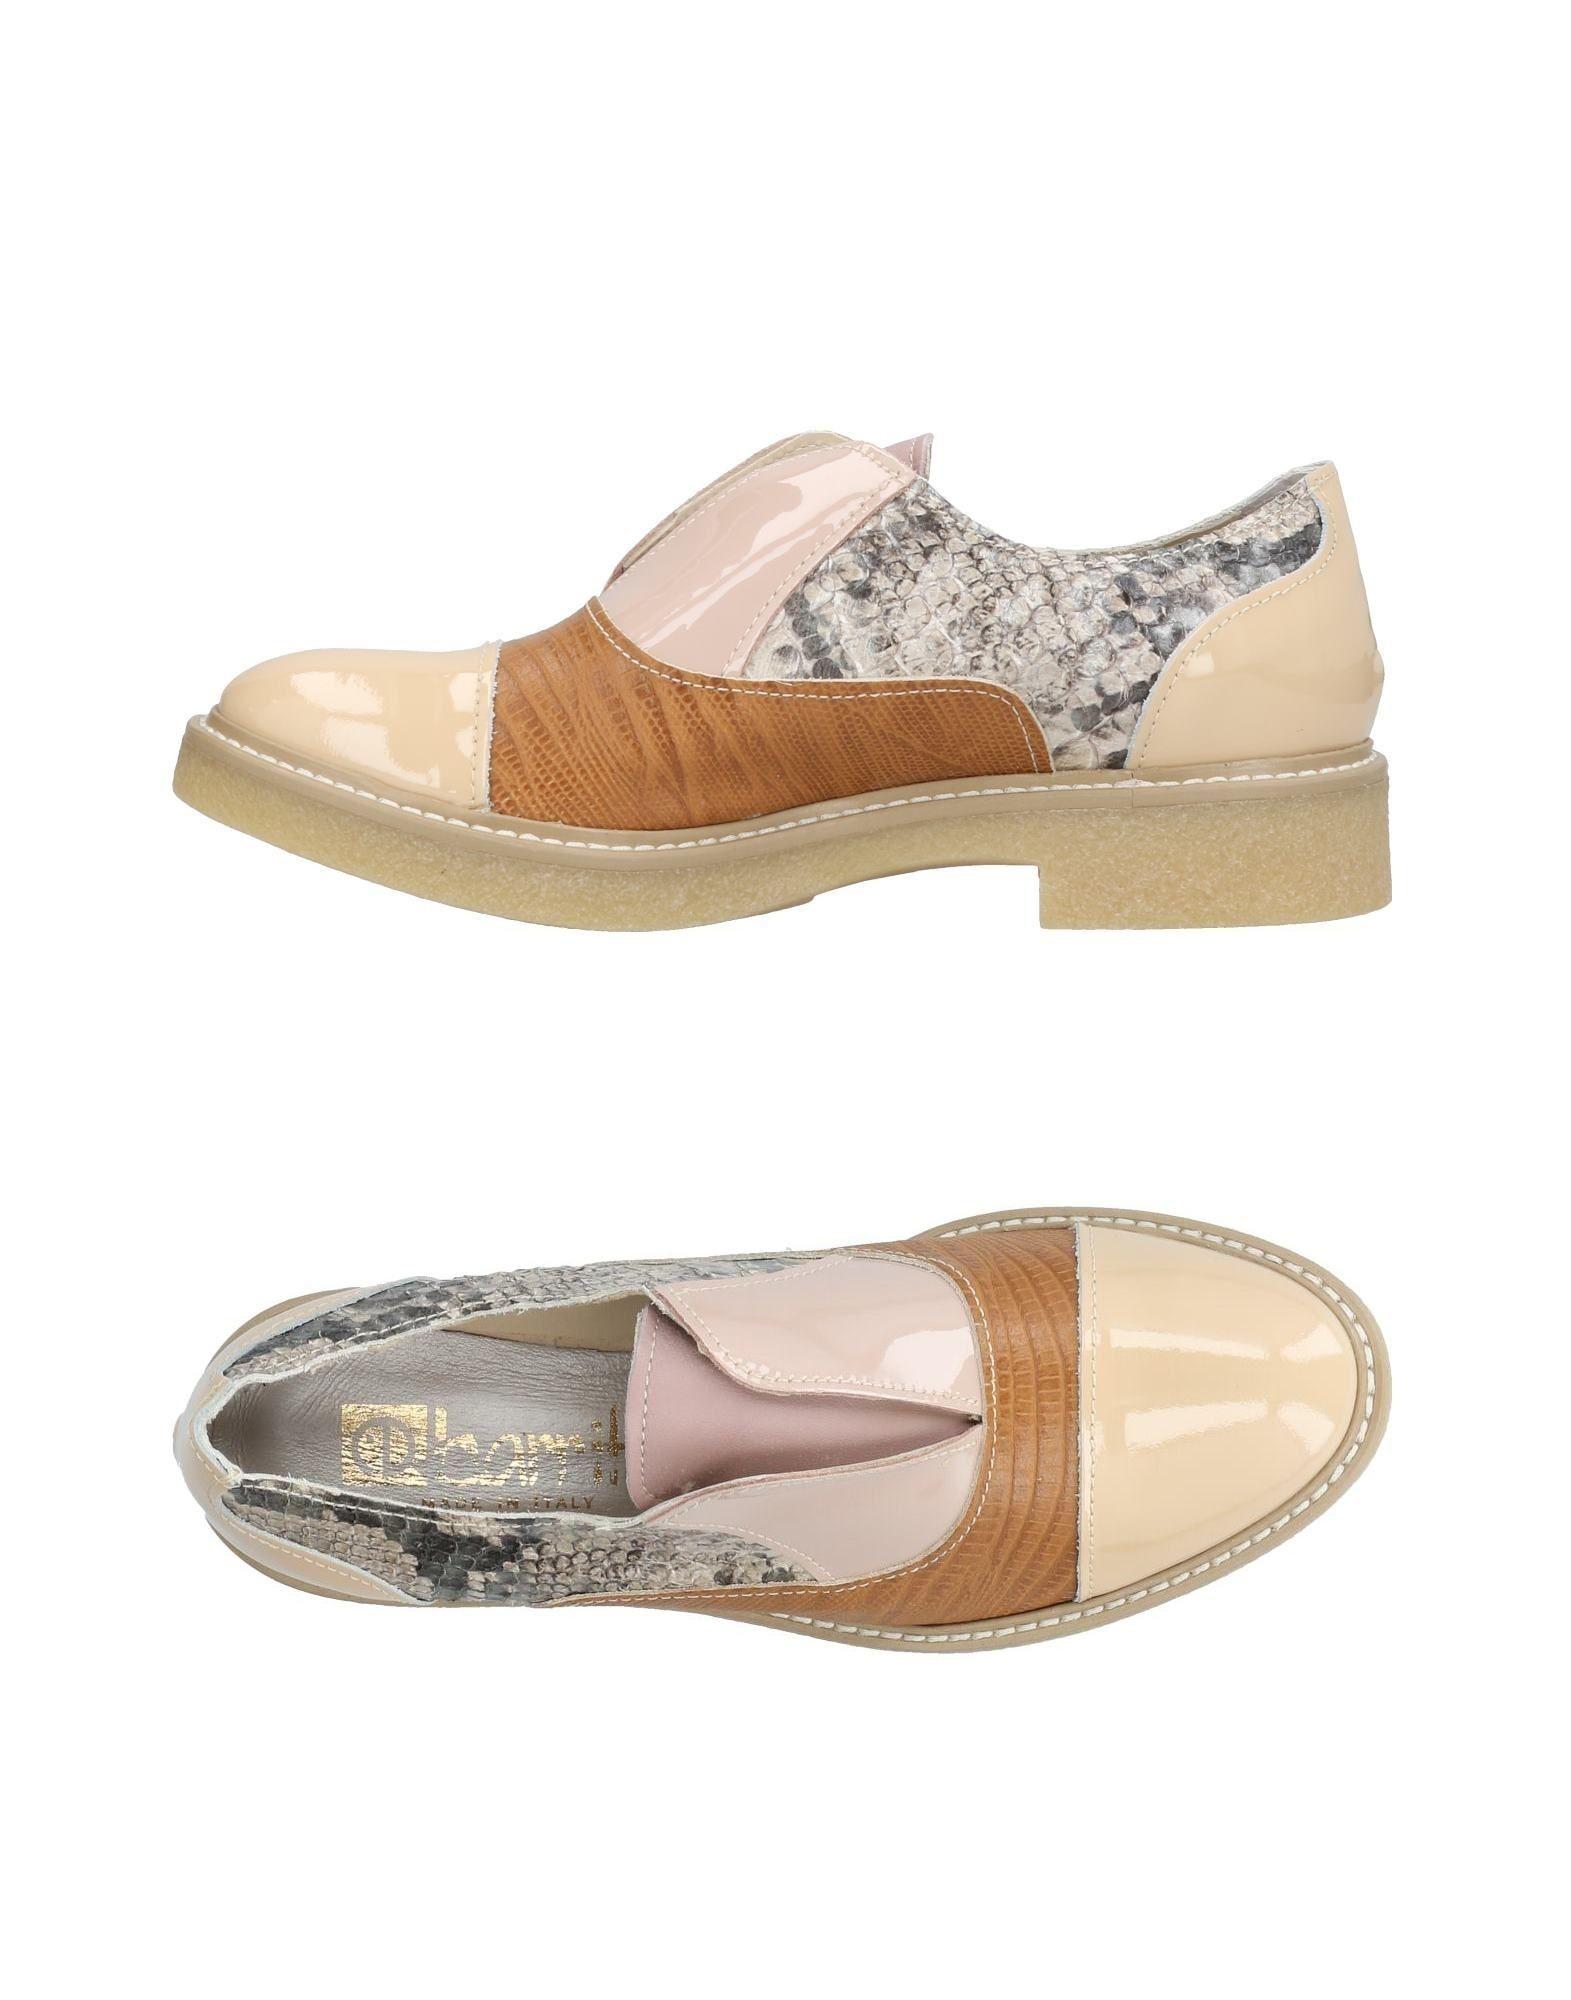 Ebarrito Mokassins Schuhe Damen  11426733FA Gute Qualität beliebte Schuhe Mokassins 916fed